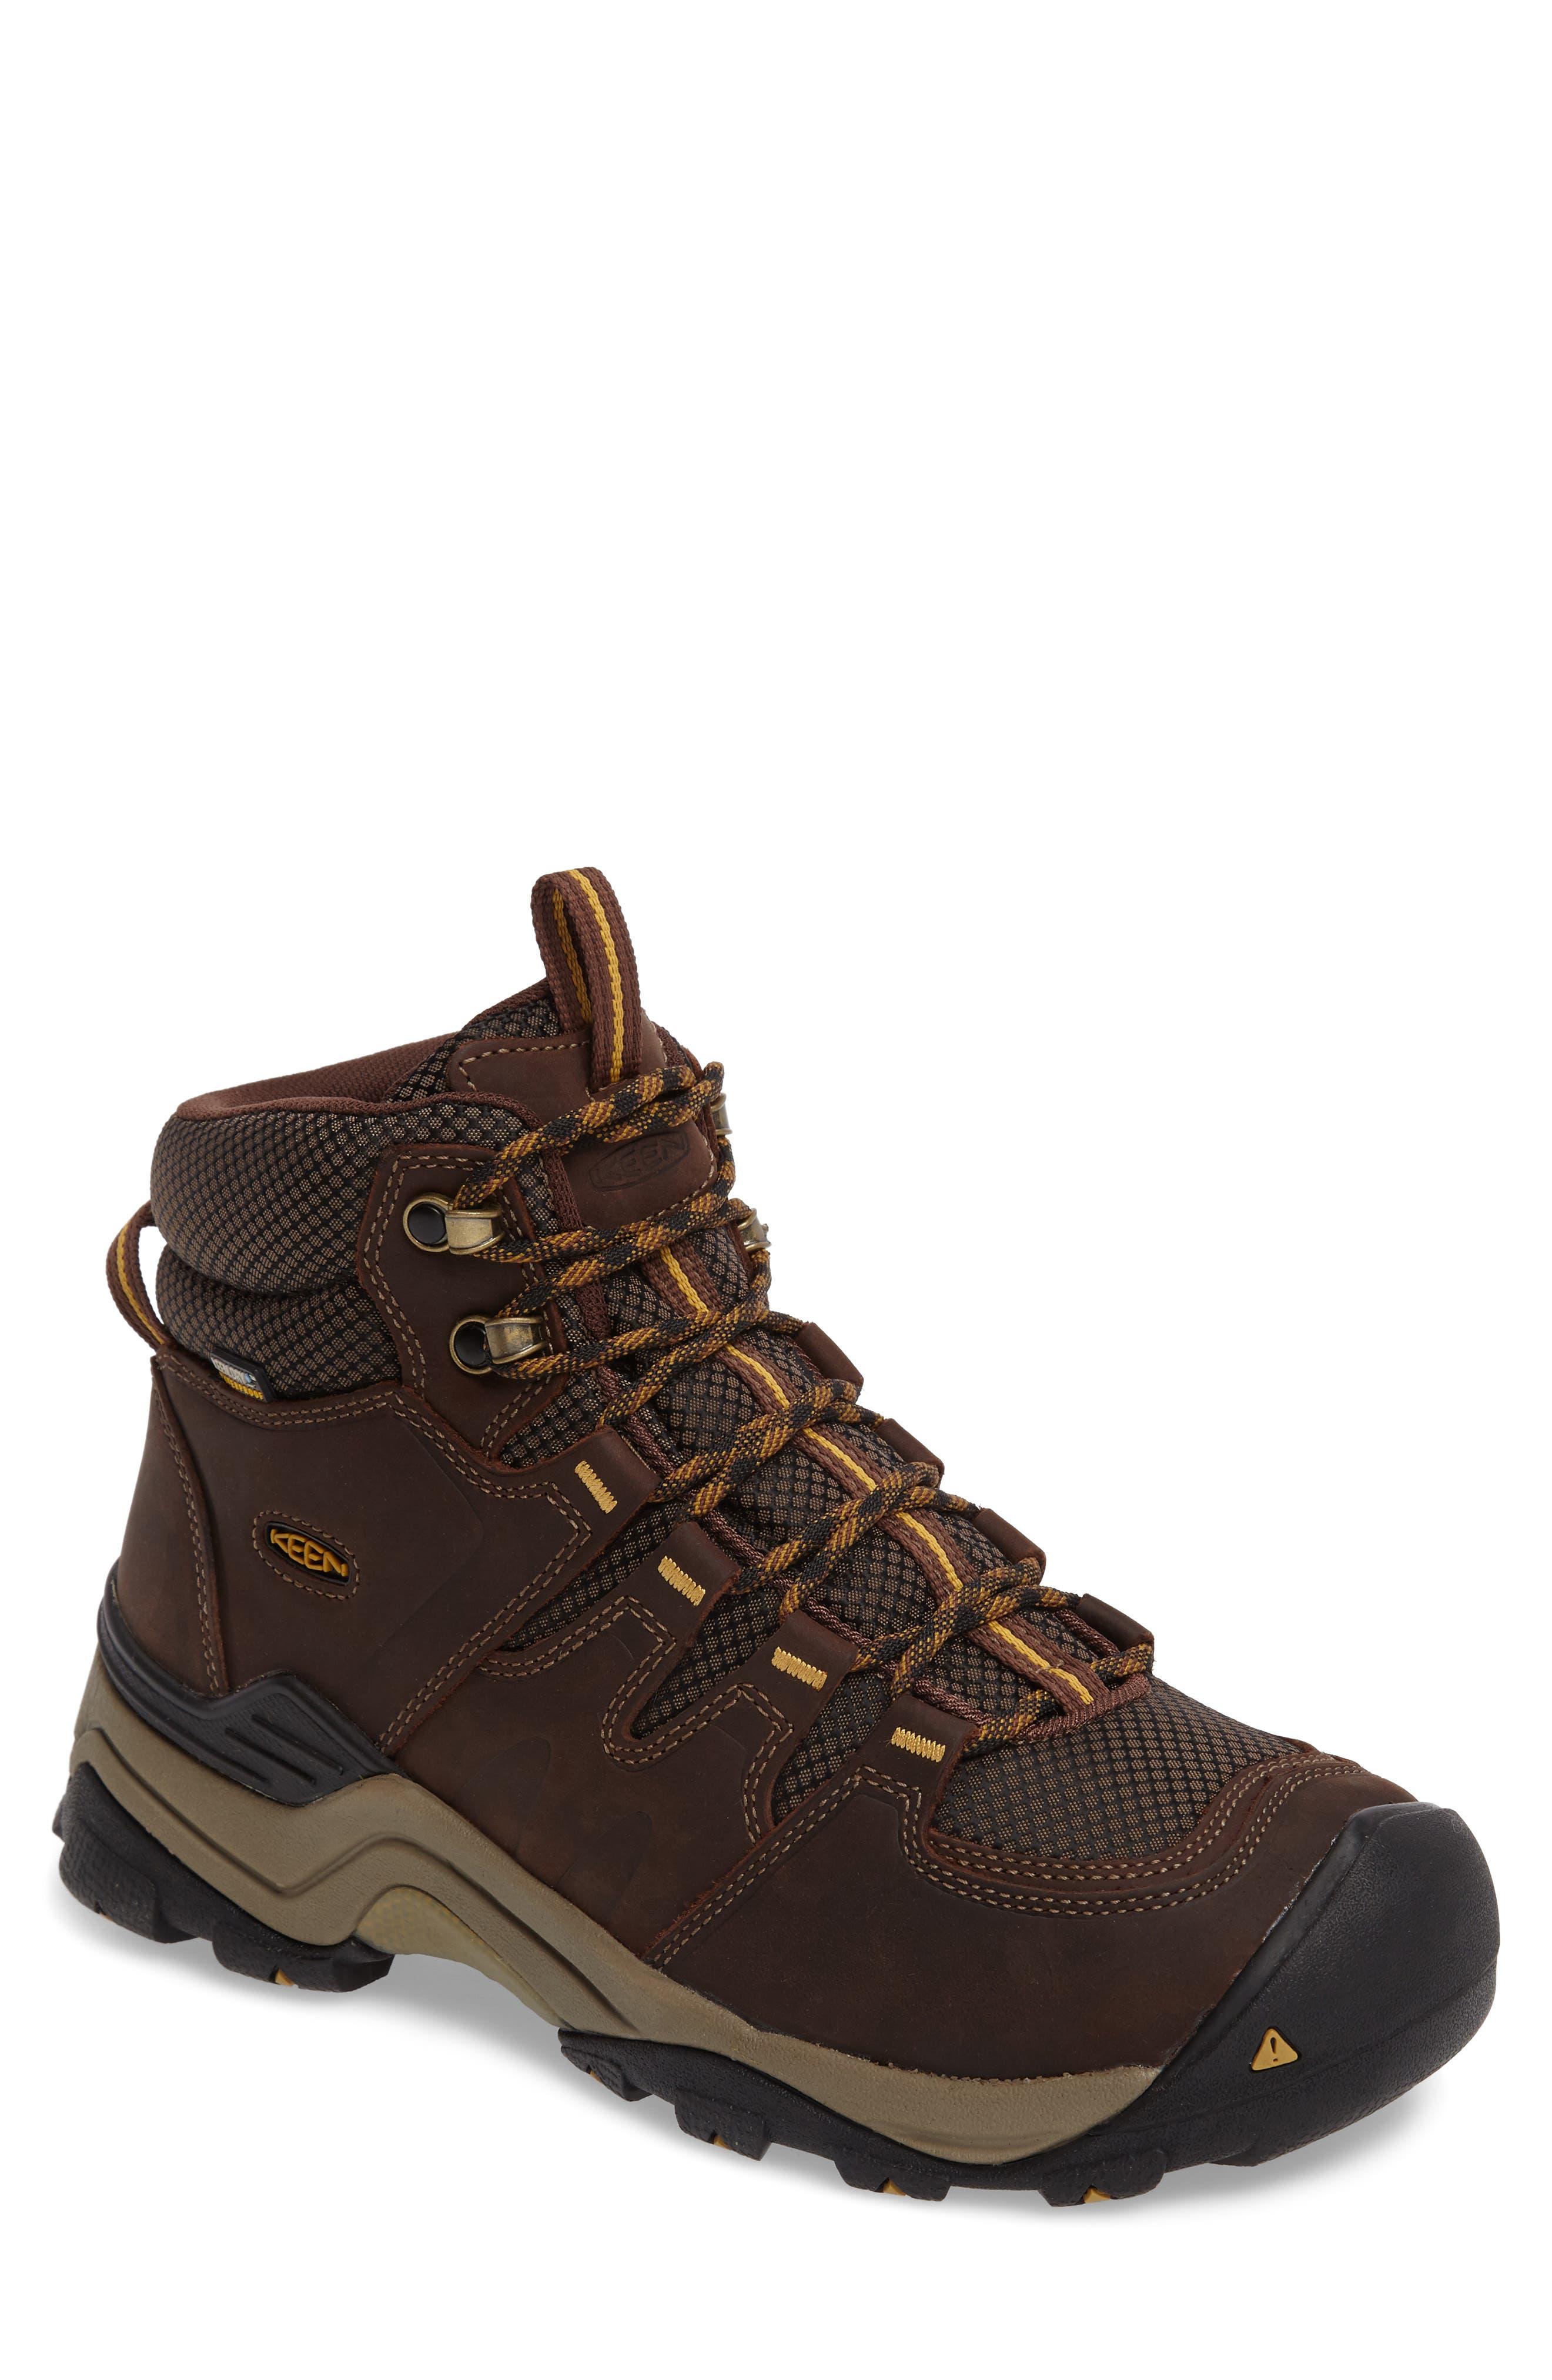 Alternate Image 1 Selected - Keen Gypsum II Waterproof Hiking Boot (Men)